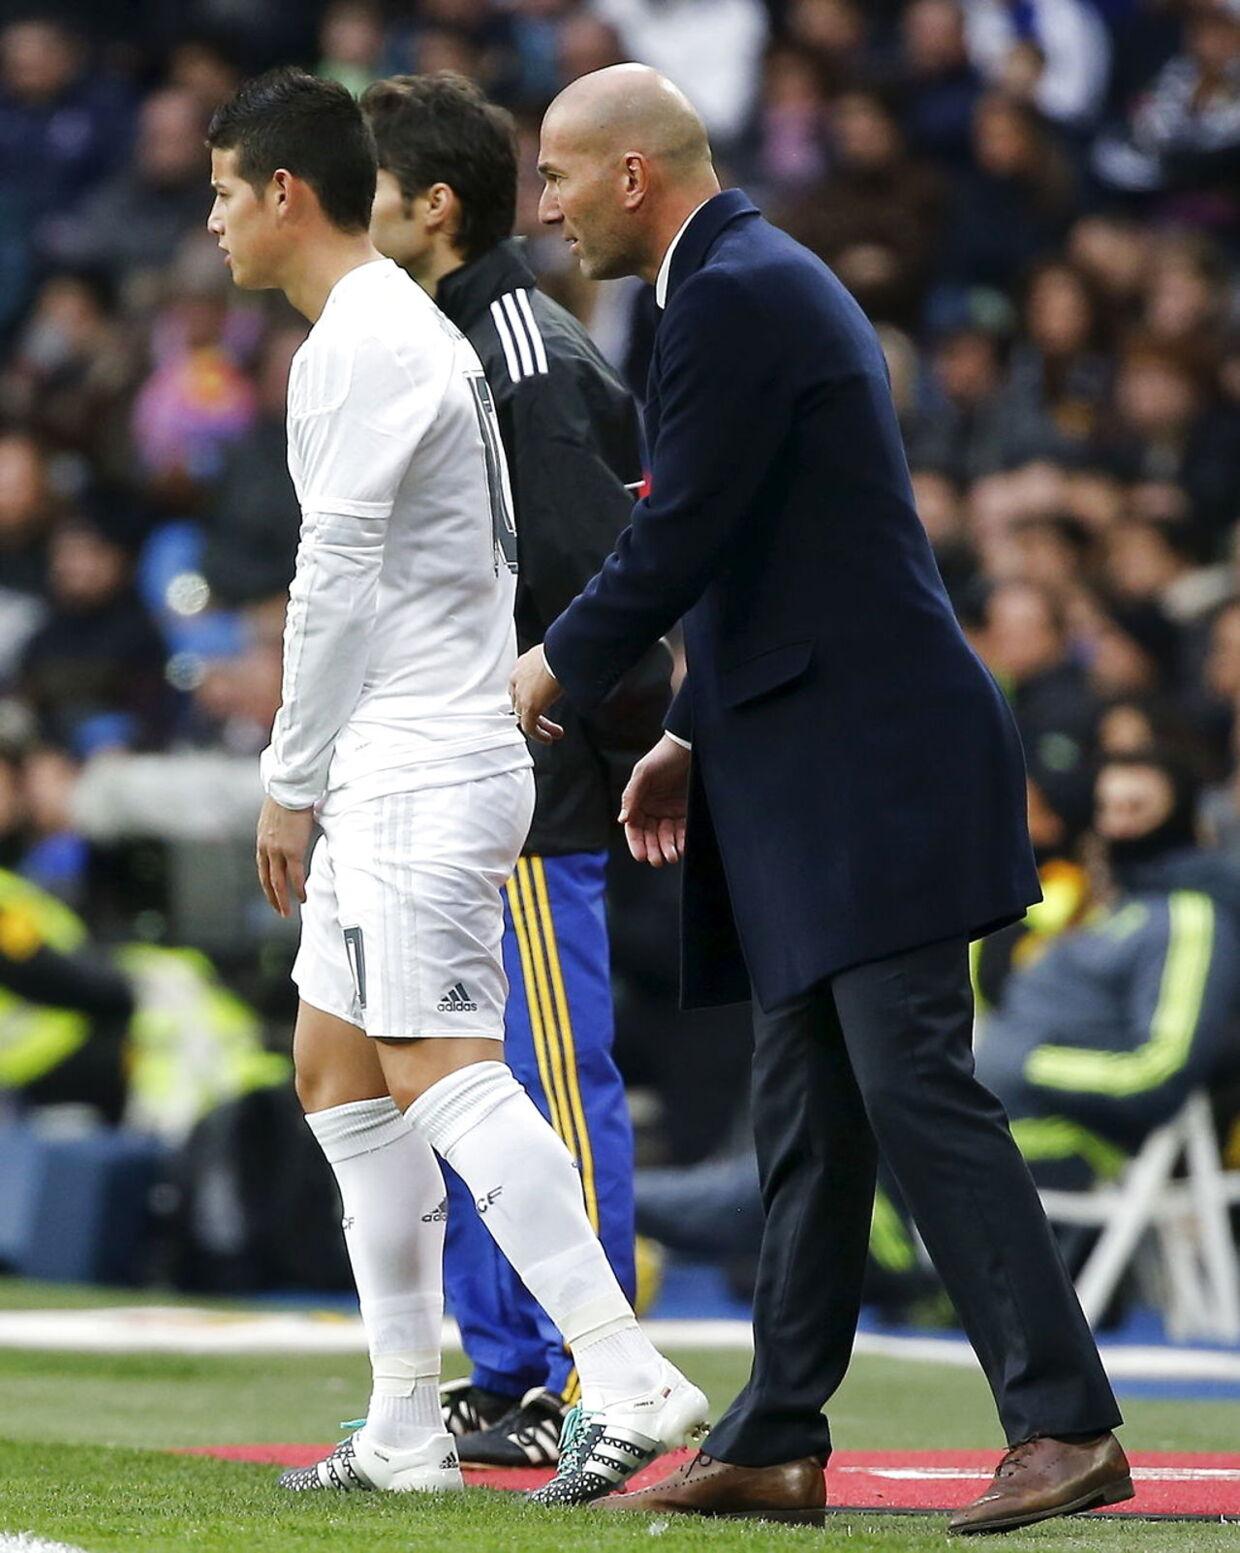 Zinedine Zidane i aktion, her med James Rodriguez.